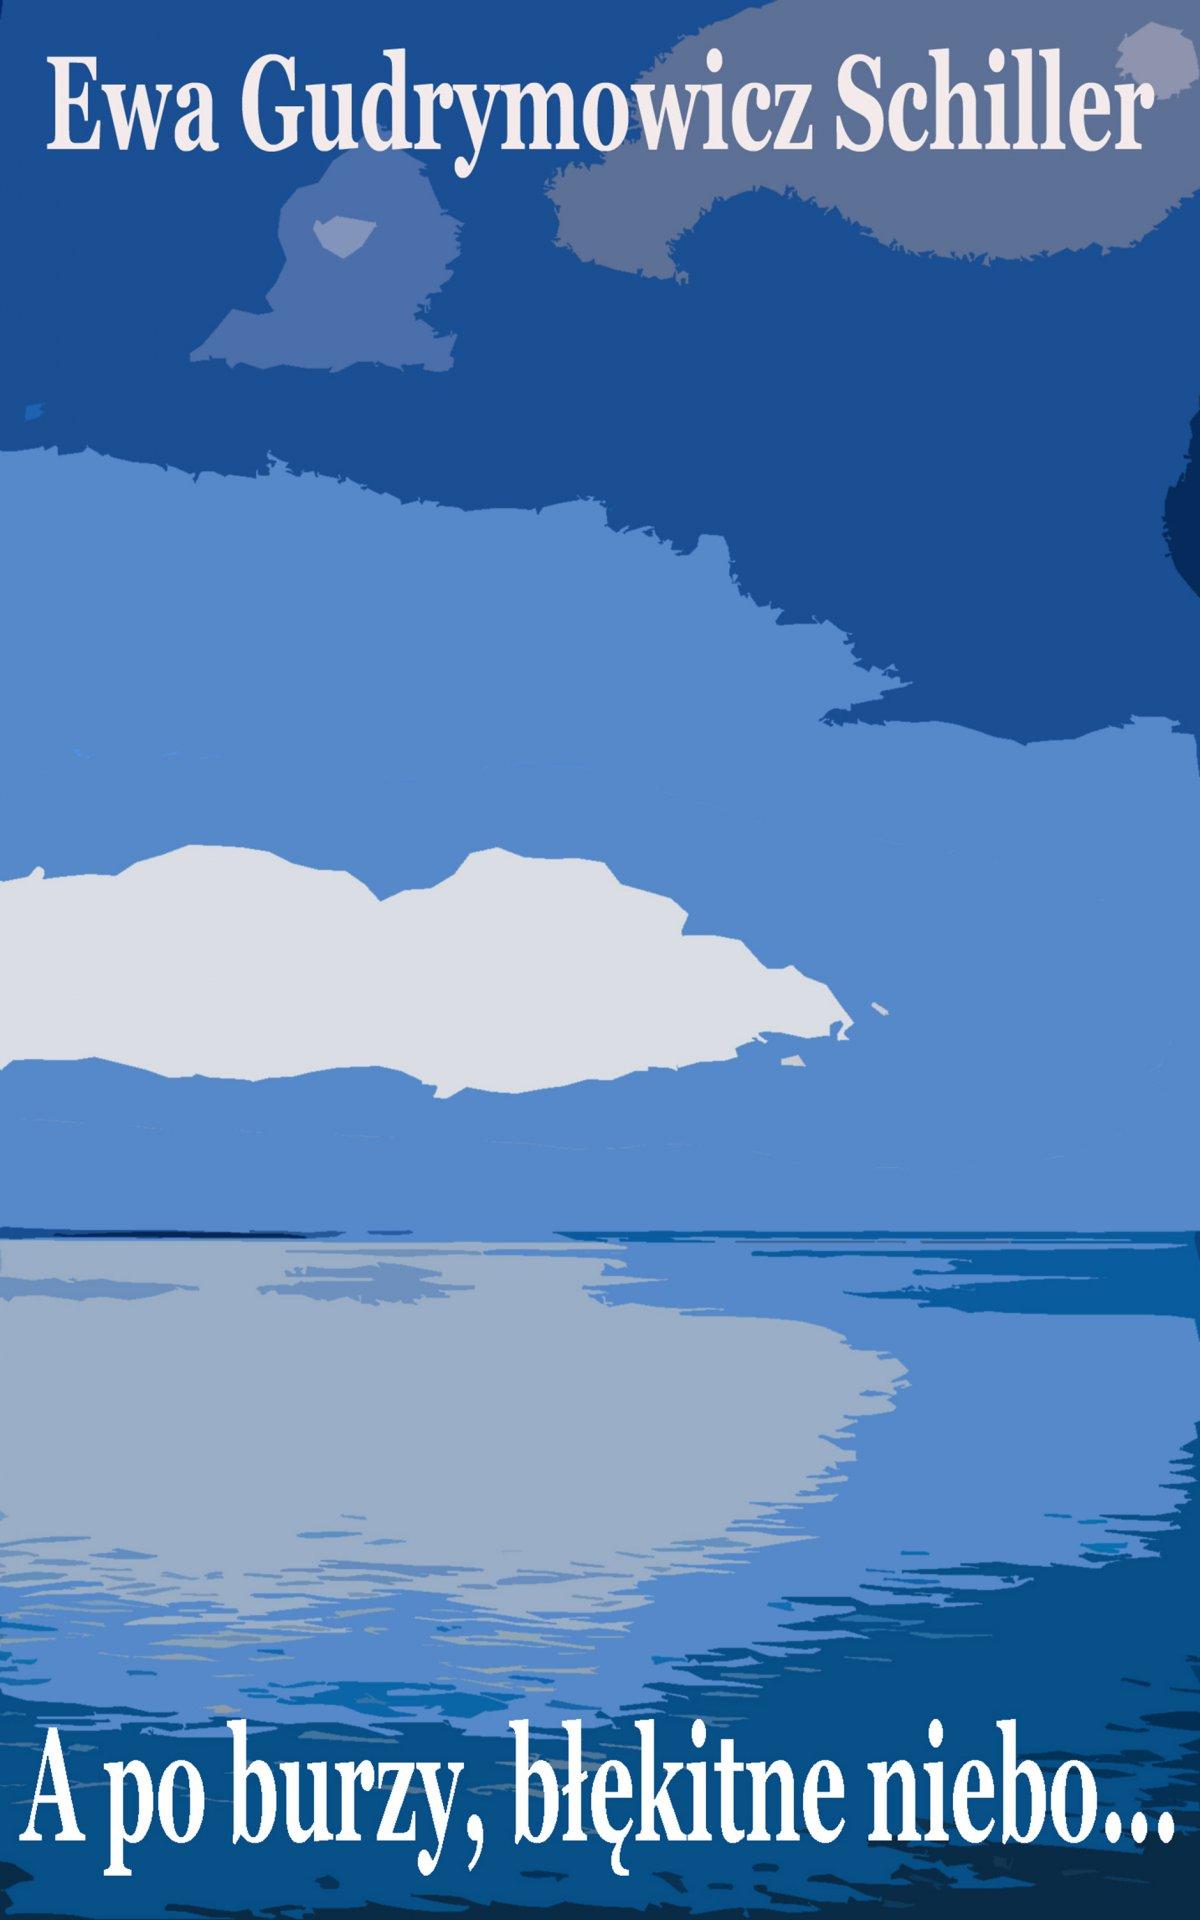 A po burzy błękitne niebo - Ebook (Książka EPUB) do pobrania w formacie EPUB